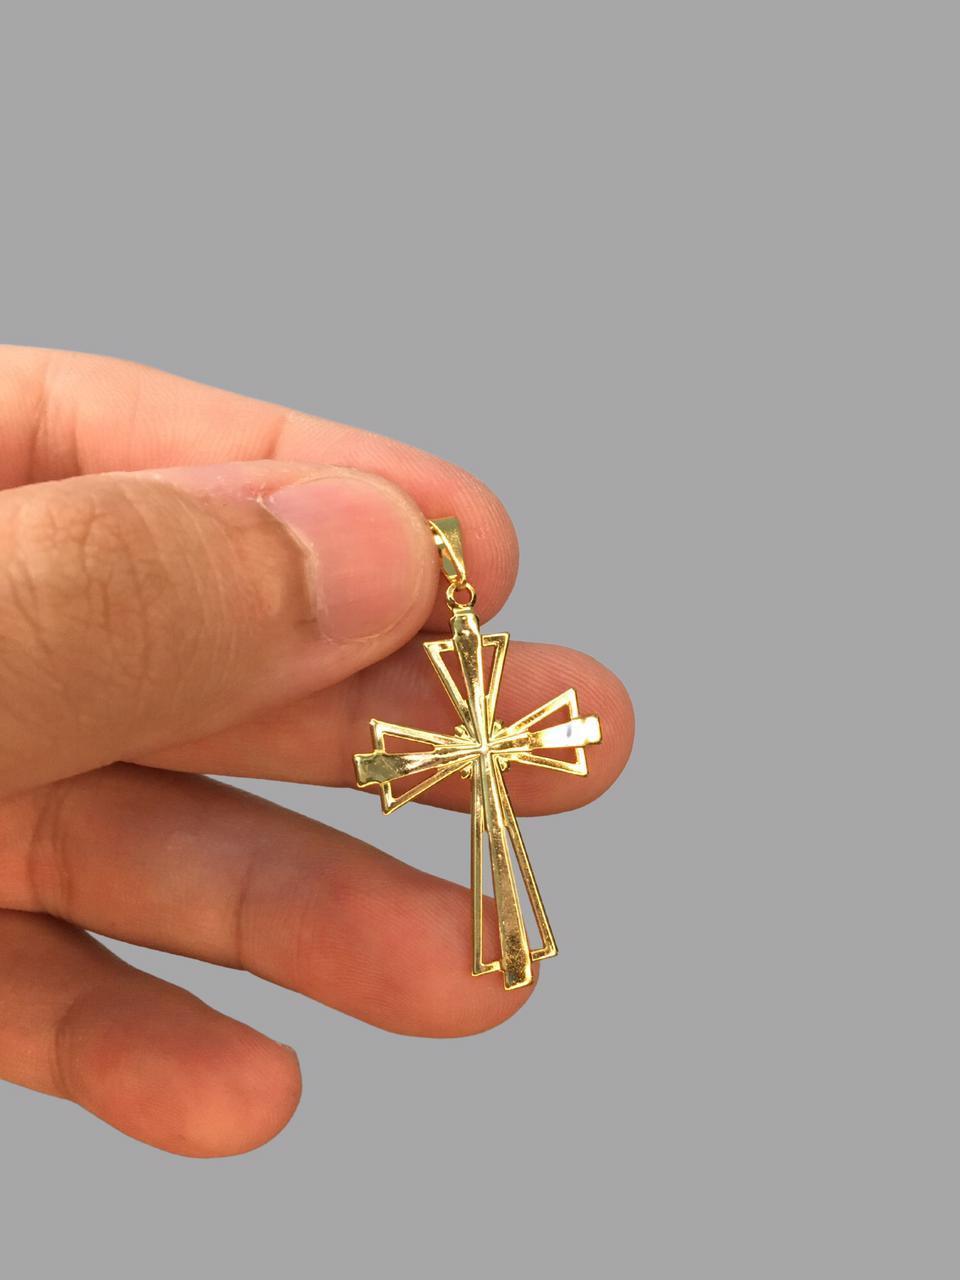 Pingente crucifixo cravejado de zircônia banhado a ouro 18k